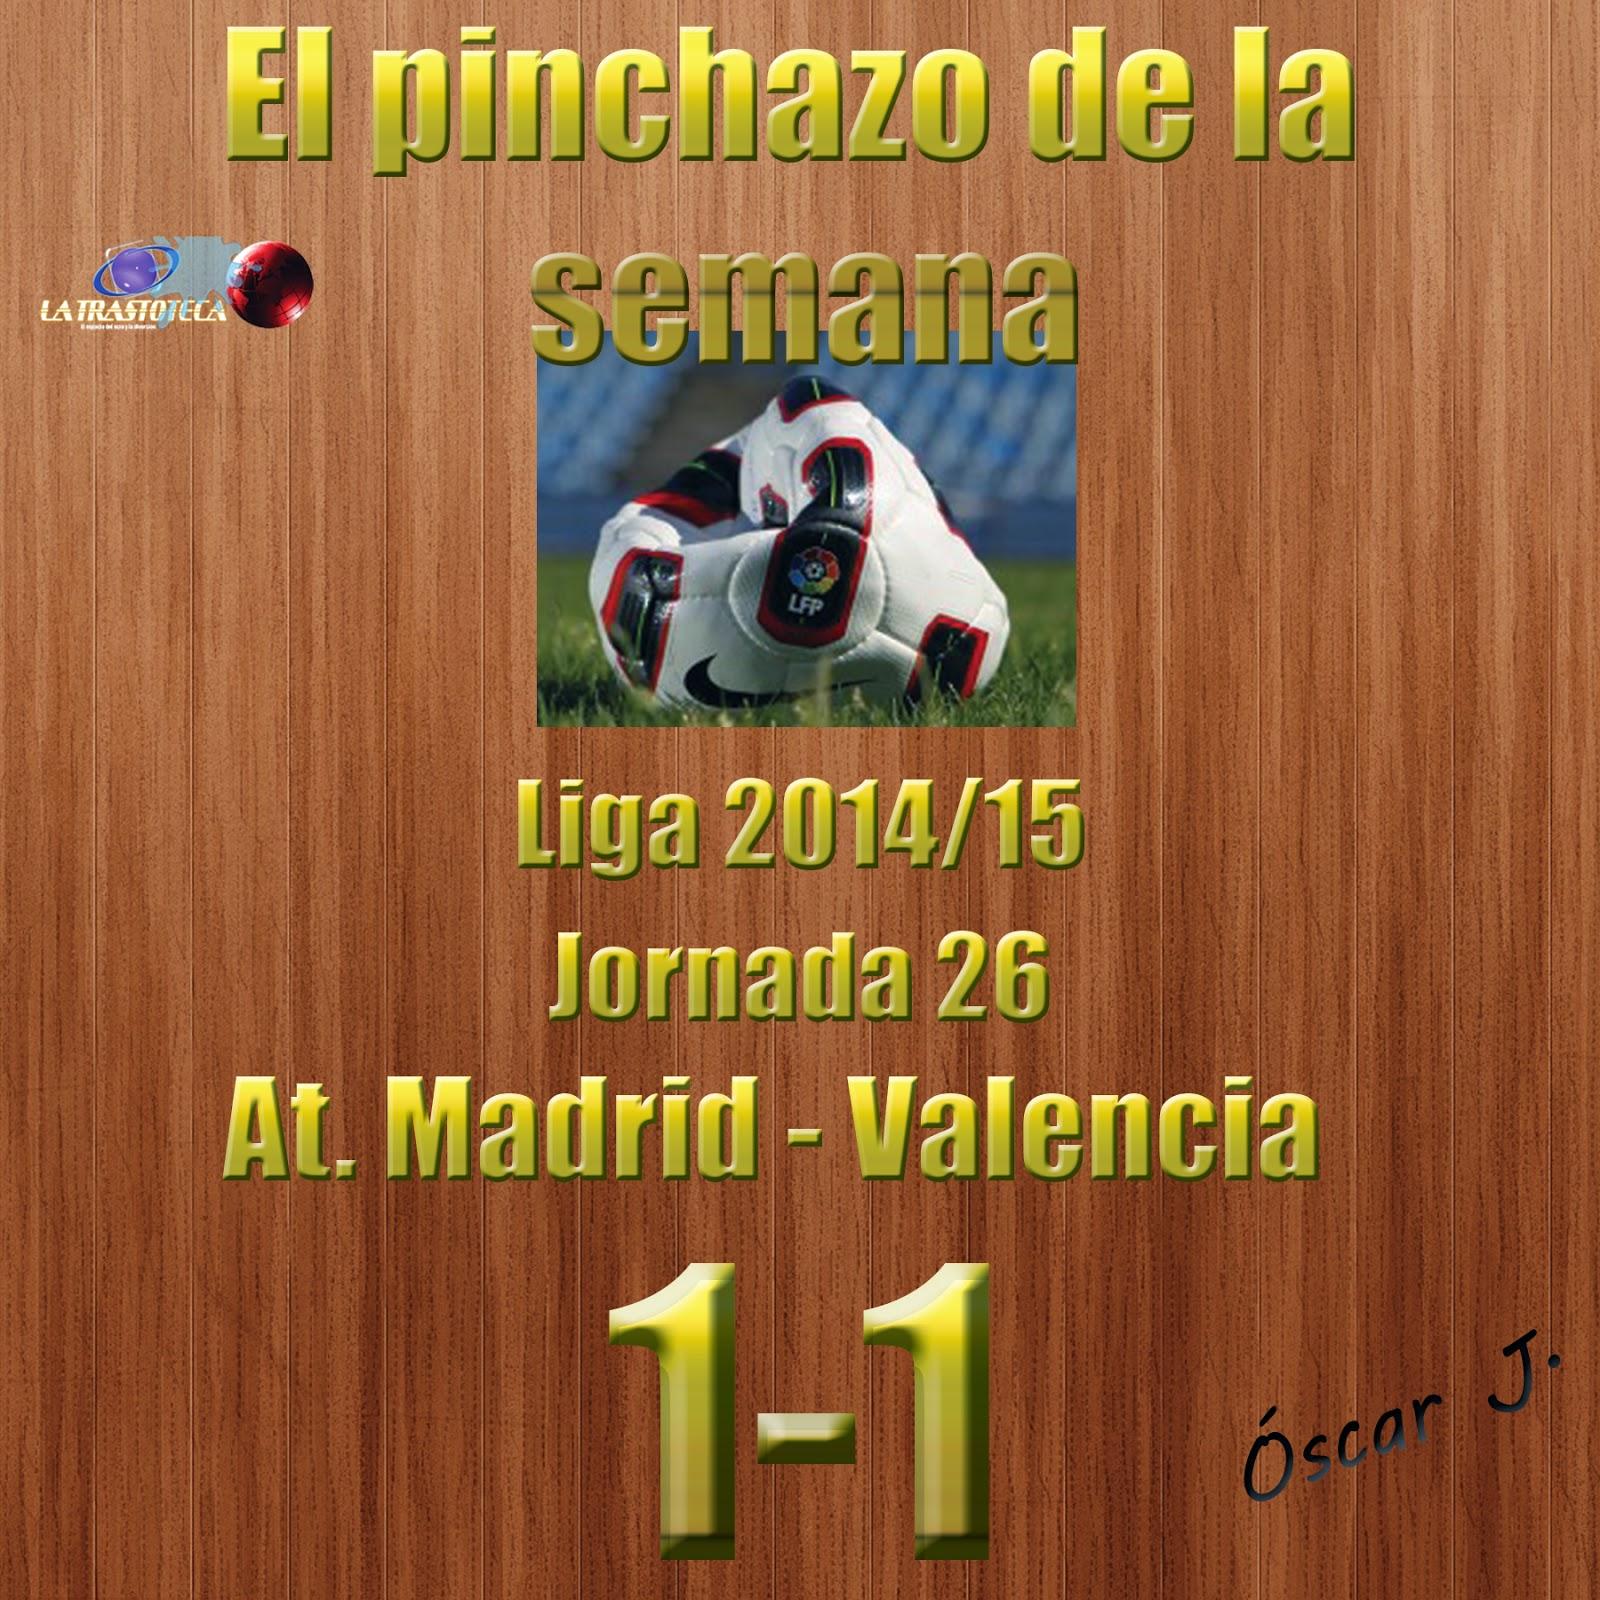 Atlético de Madrid 1-1 Valencia. Liga 2014/15. Jornada 26. El pinchazo de la semana.